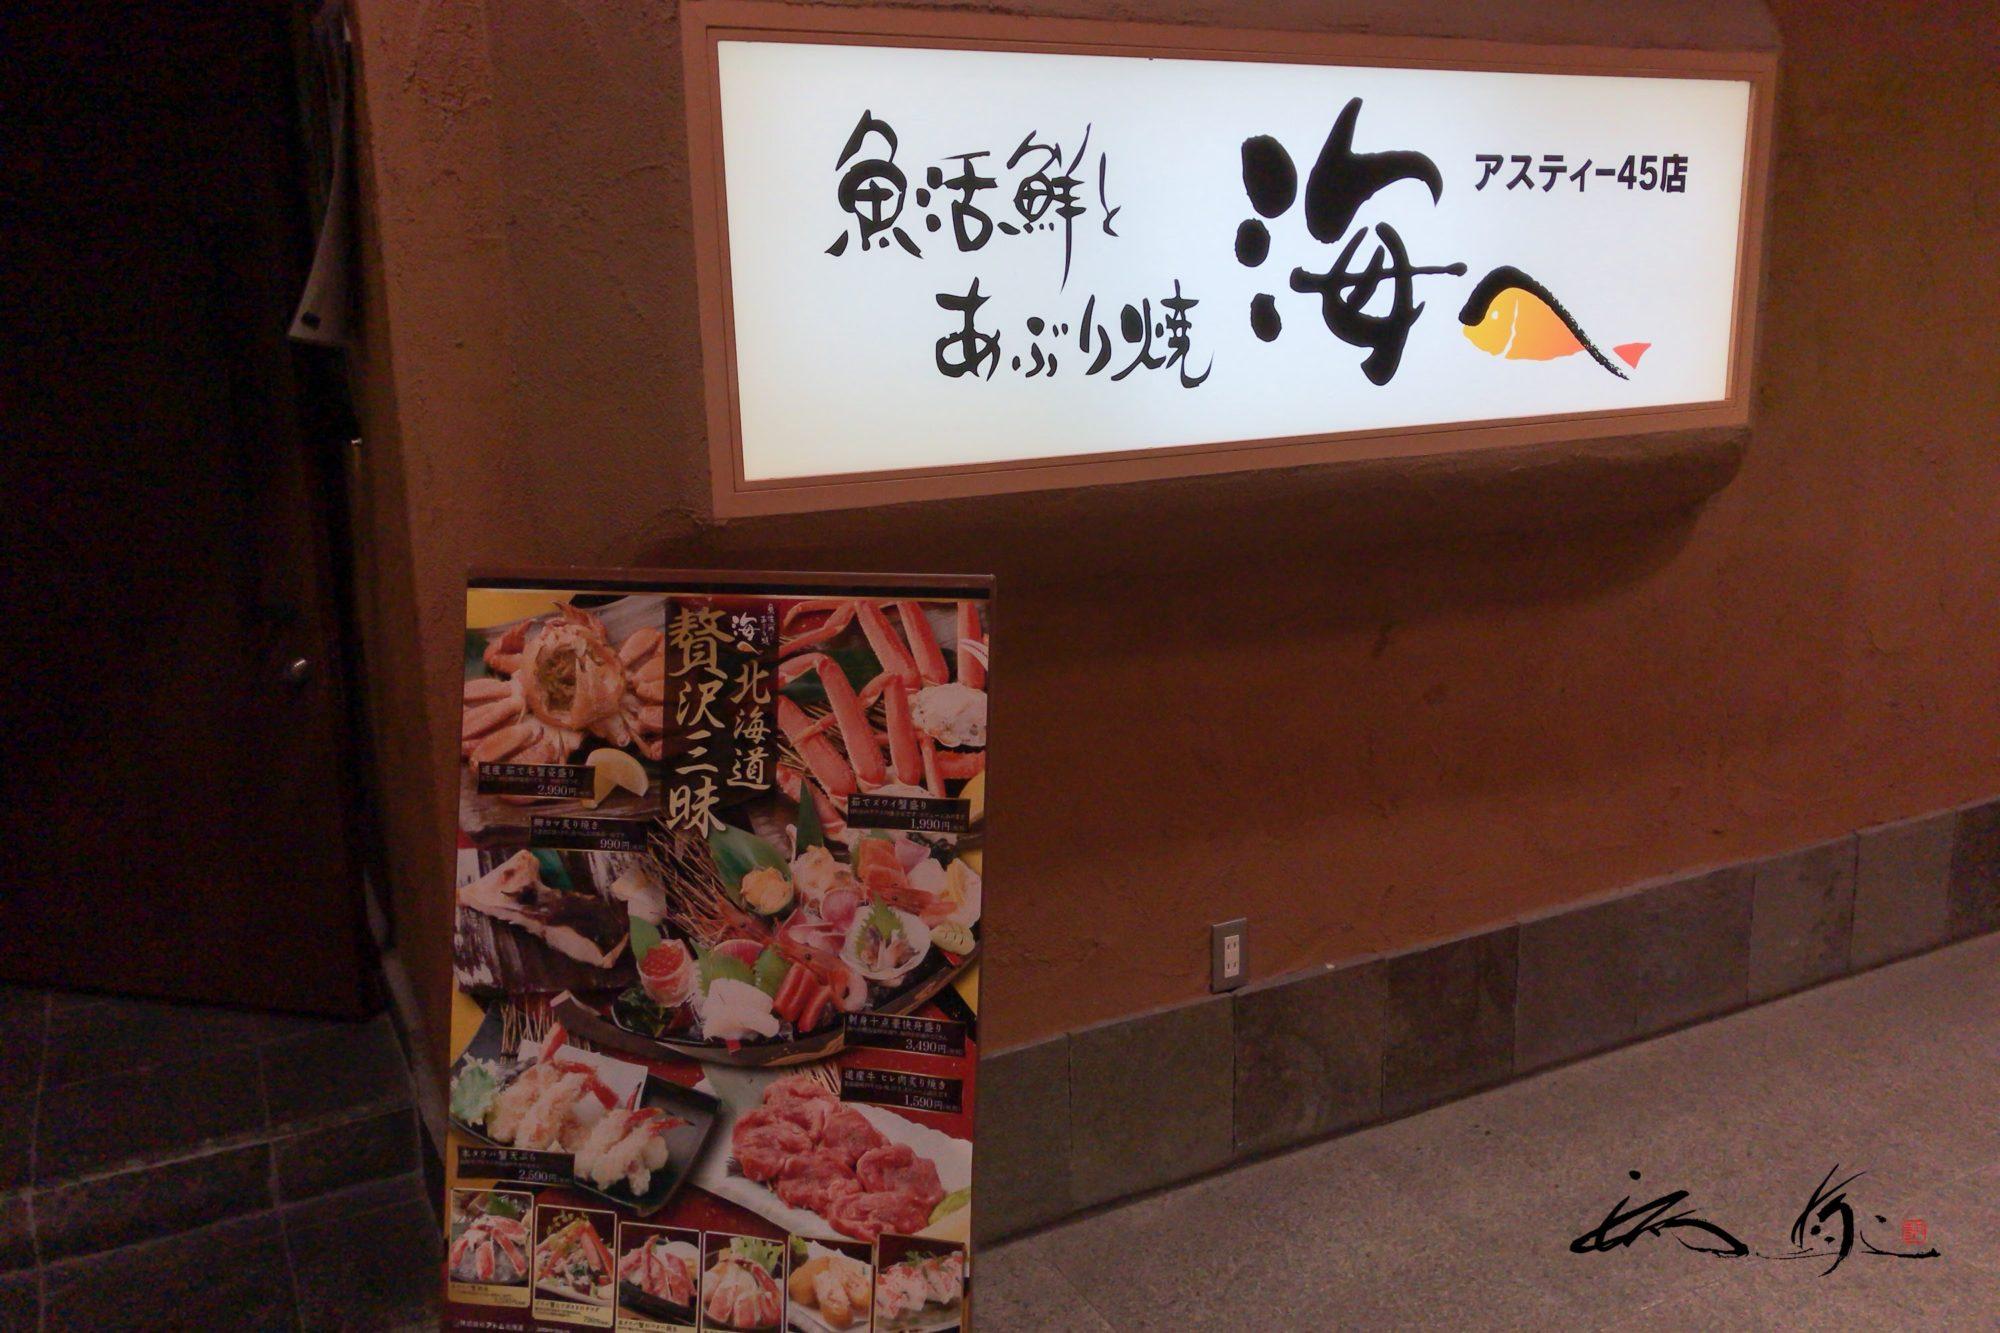 海へ アスティ45店(札幌市)で北海道の海の幸を堪能